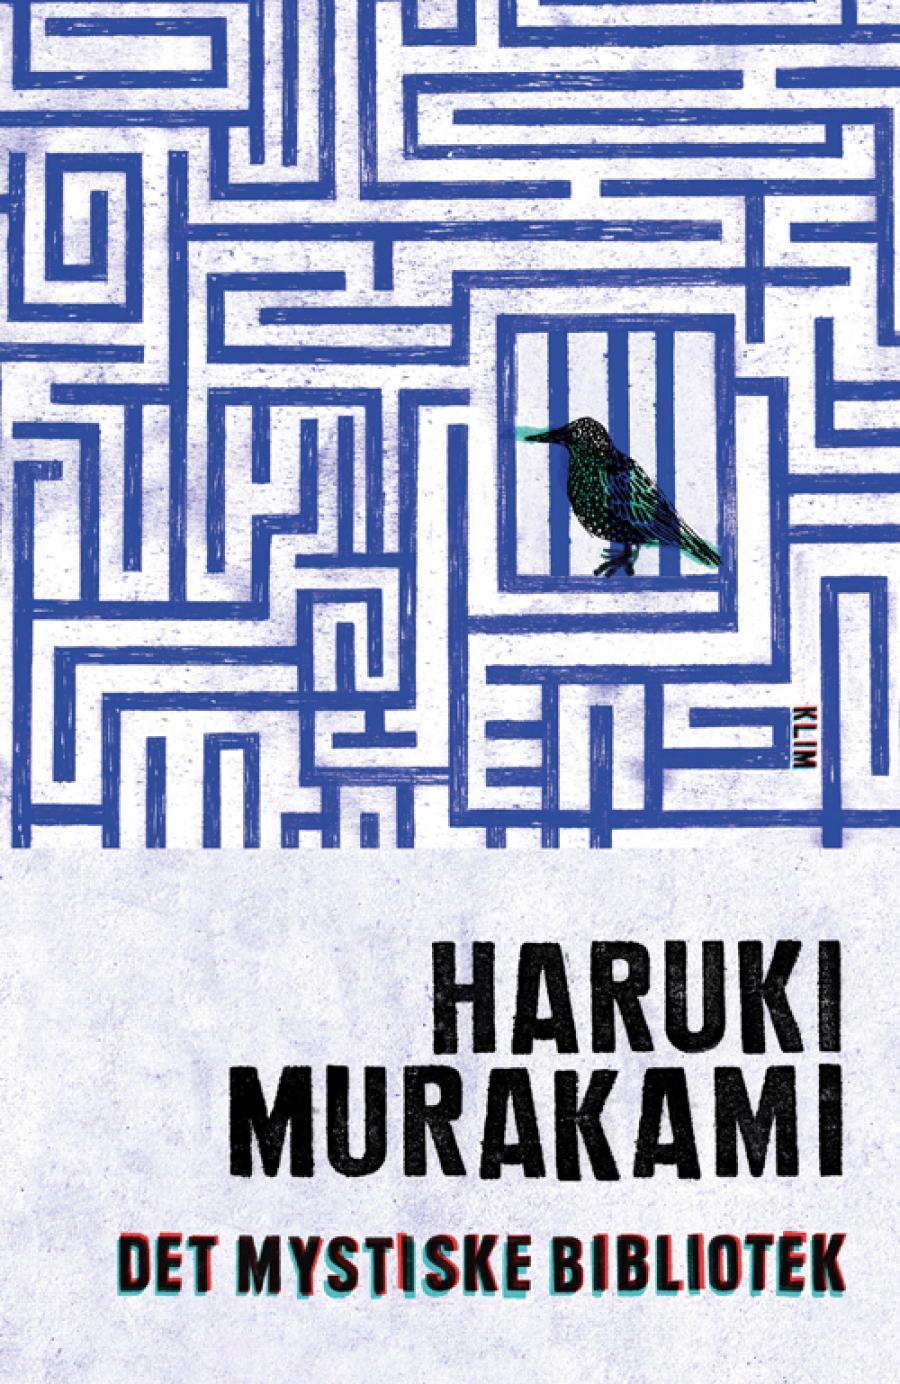 Bogforsiden til bogen Det mystiske bibliotek af Haruki Murakami